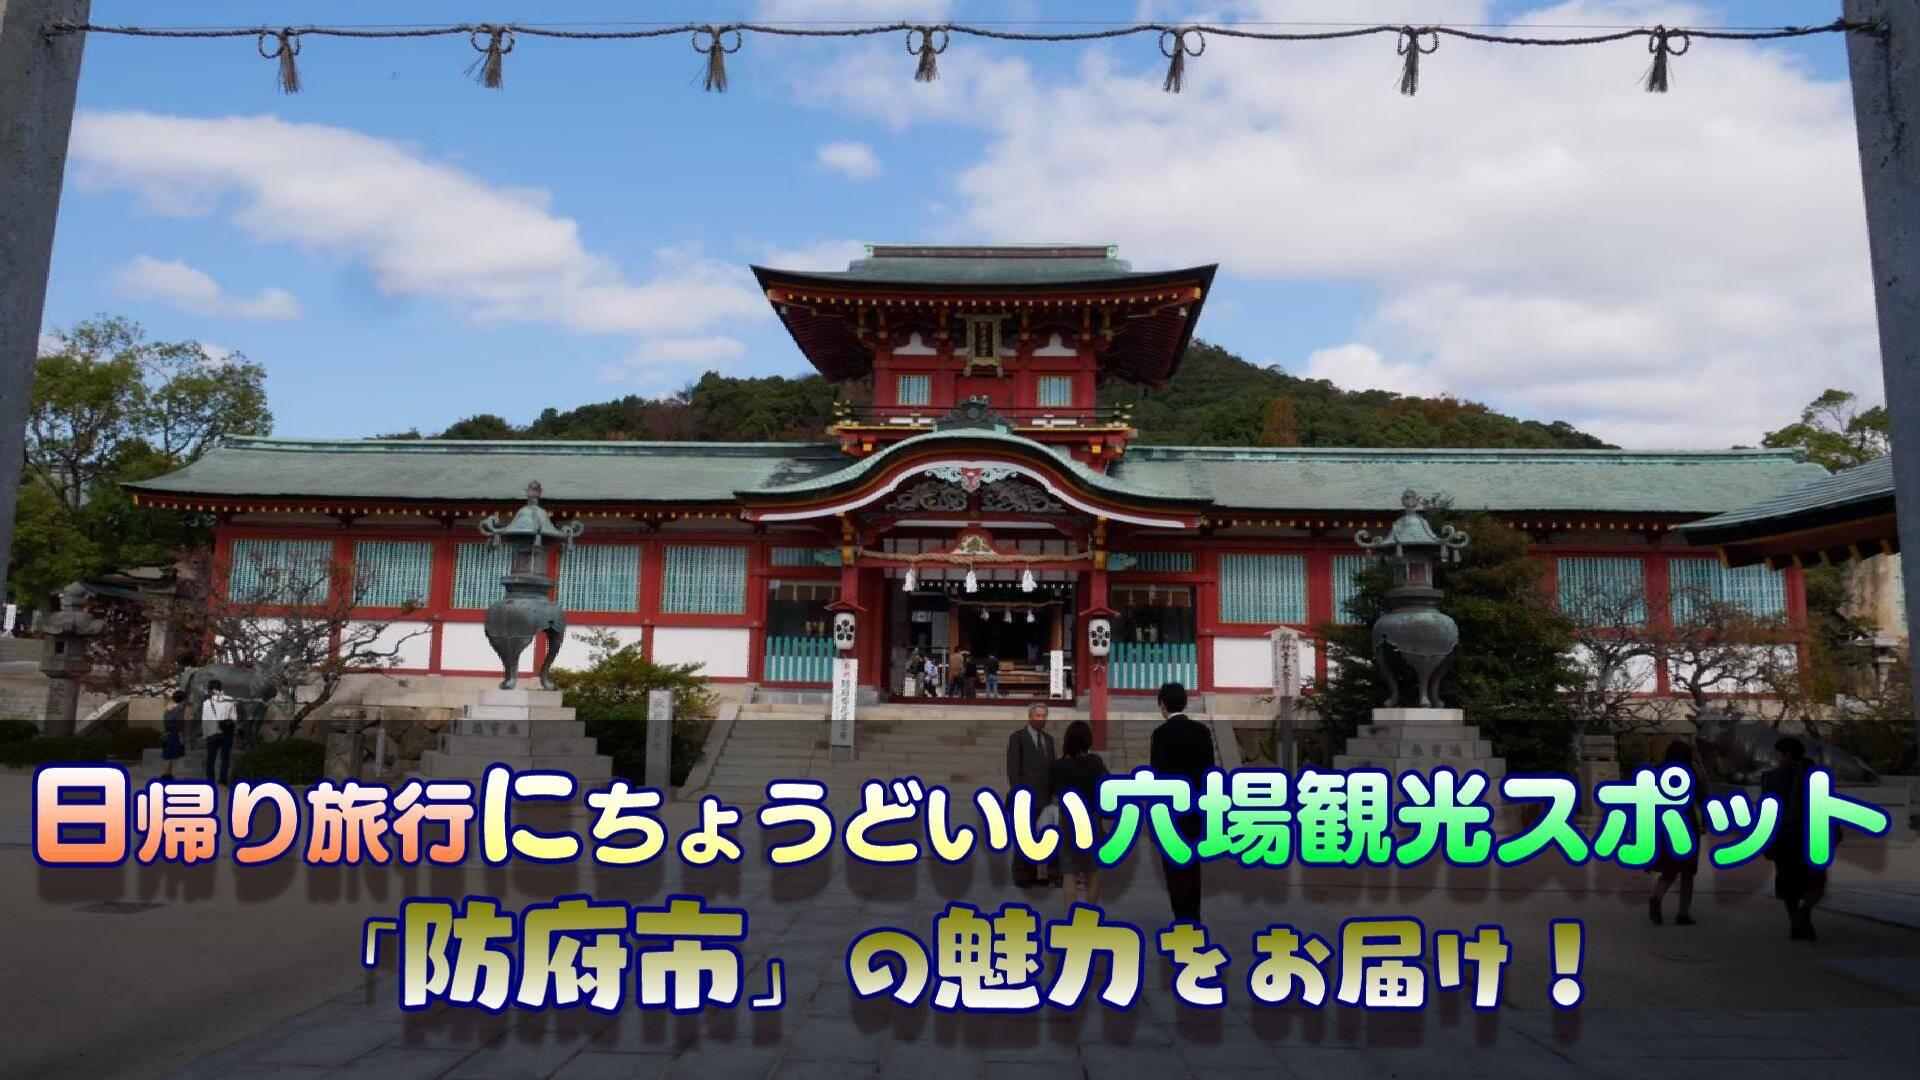 「山口県防府市」日帰り旅行にちょうどいい穴場観光スポット!